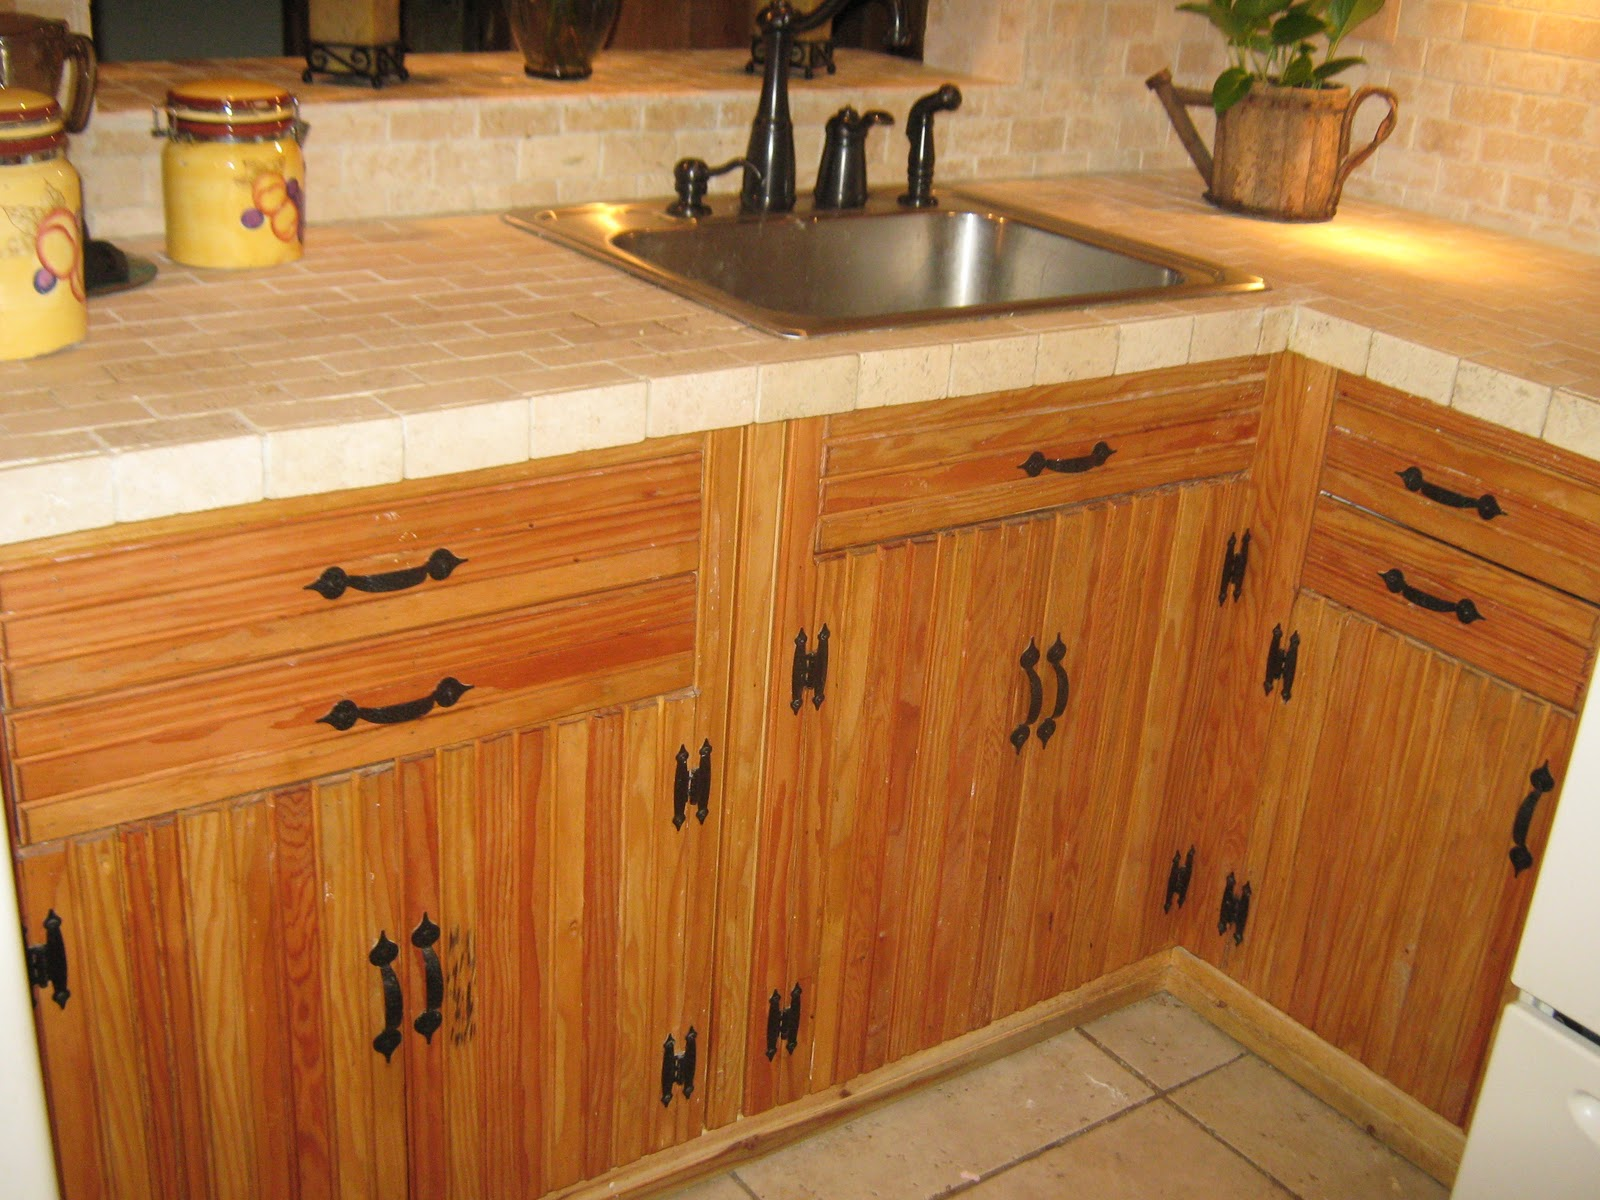 Fernandez cabinet cocina rustica terminada remodelacion - Puertas de cocina rusticas ...